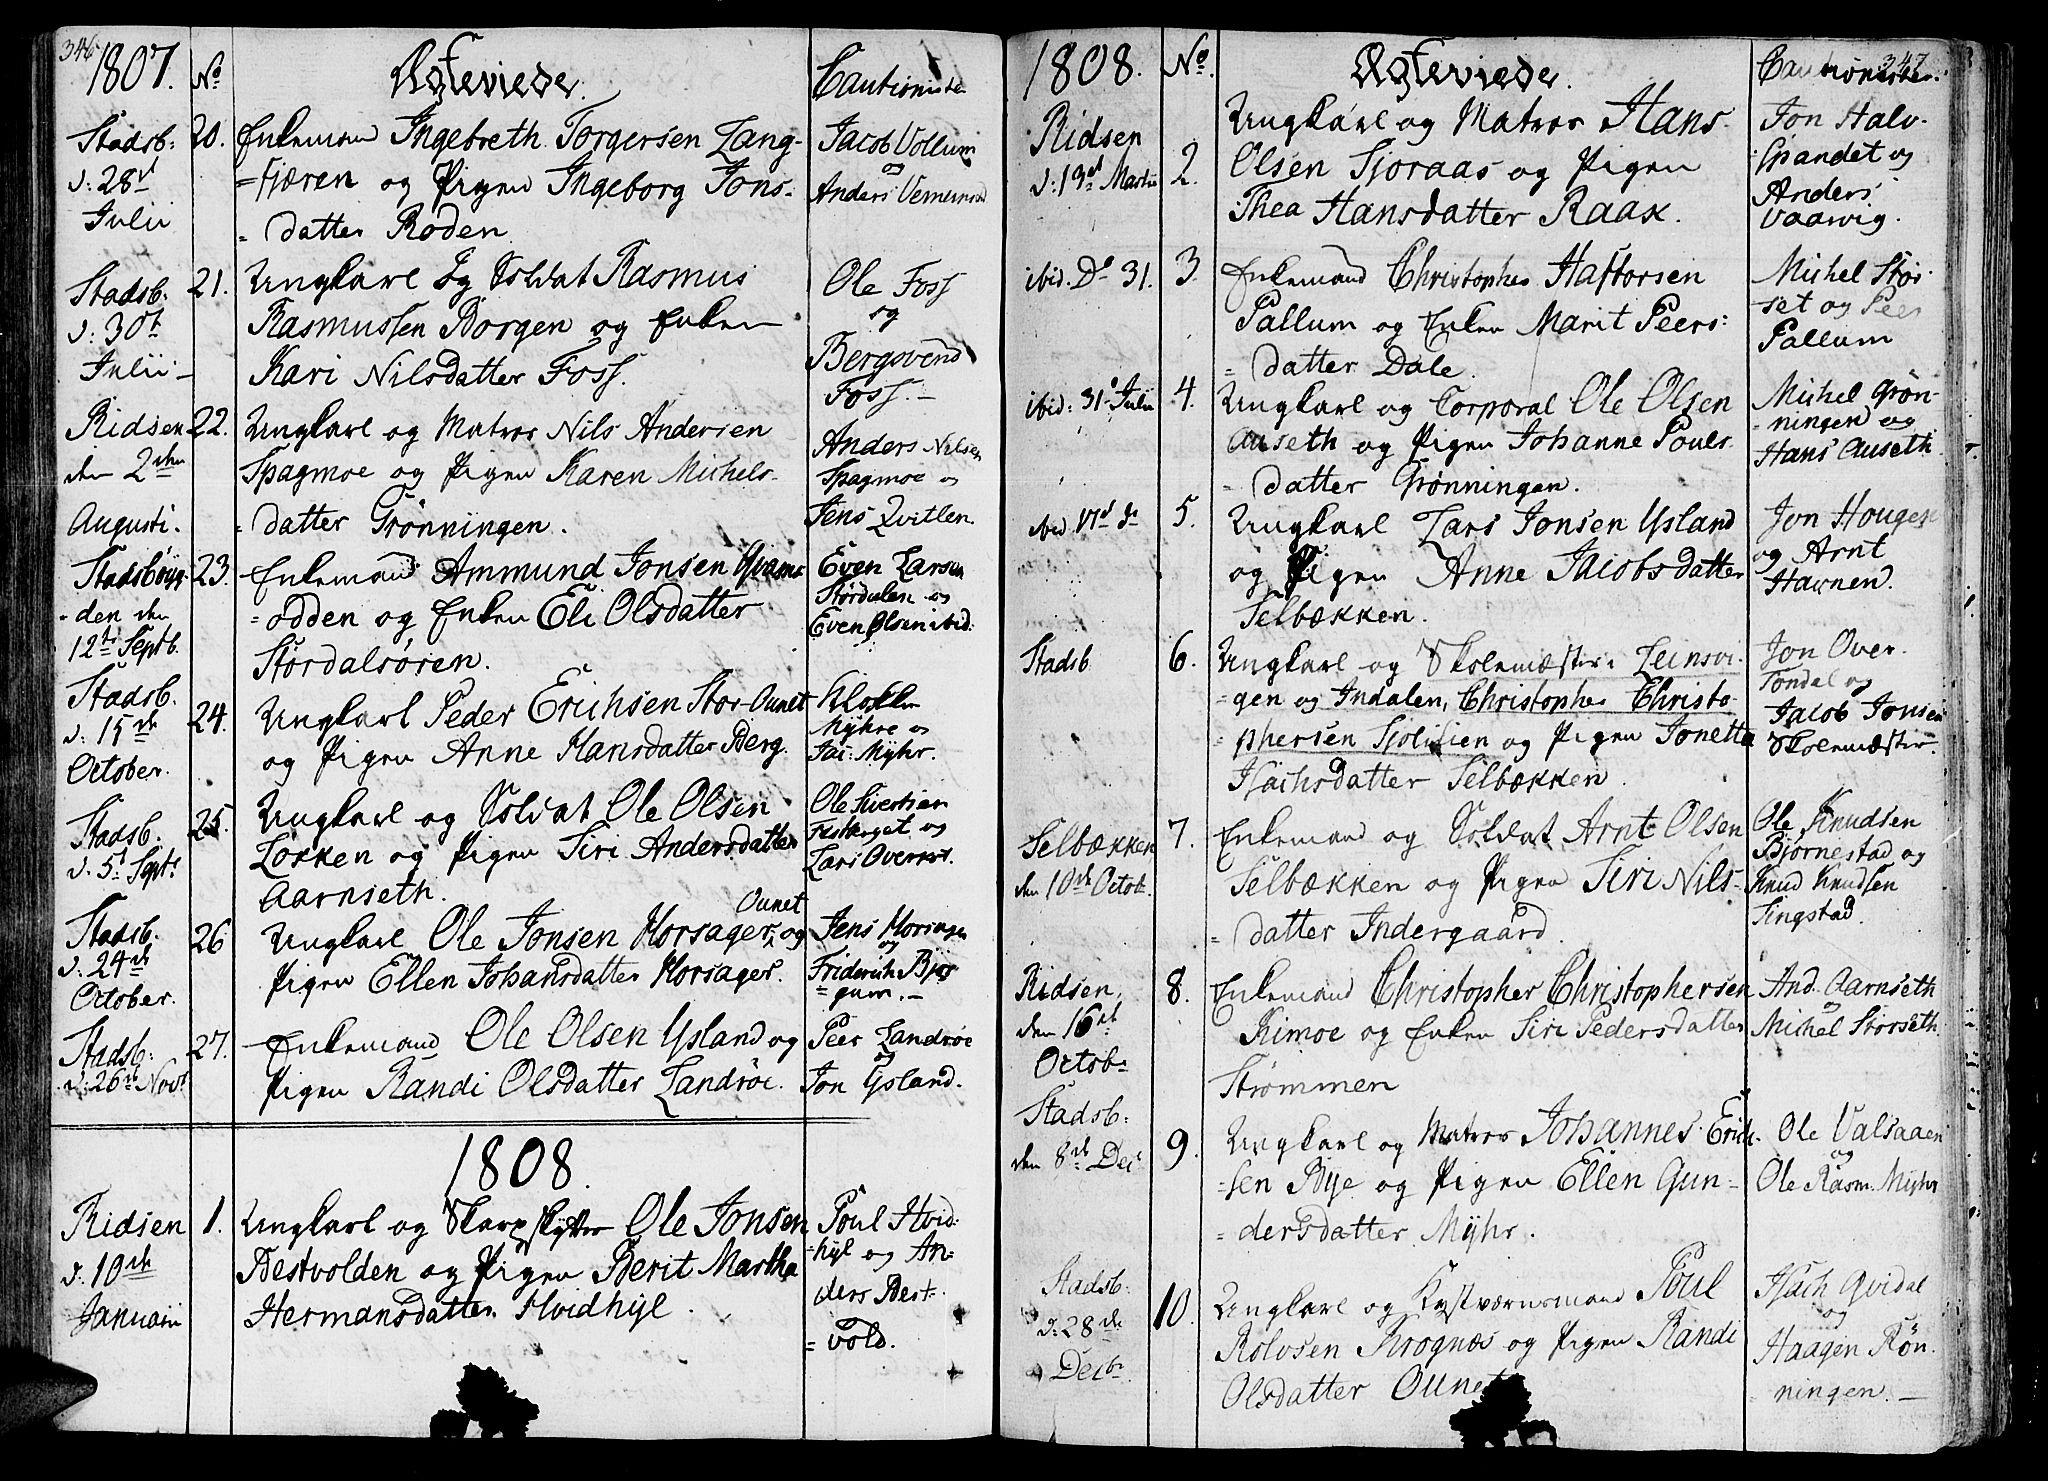 SAT, Ministerialprotokoller, klokkerbøker og fødselsregistre - Sør-Trøndelag, 646/L0607: Ministerialbok nr. 646A05, 1806-1815, s. 346-347